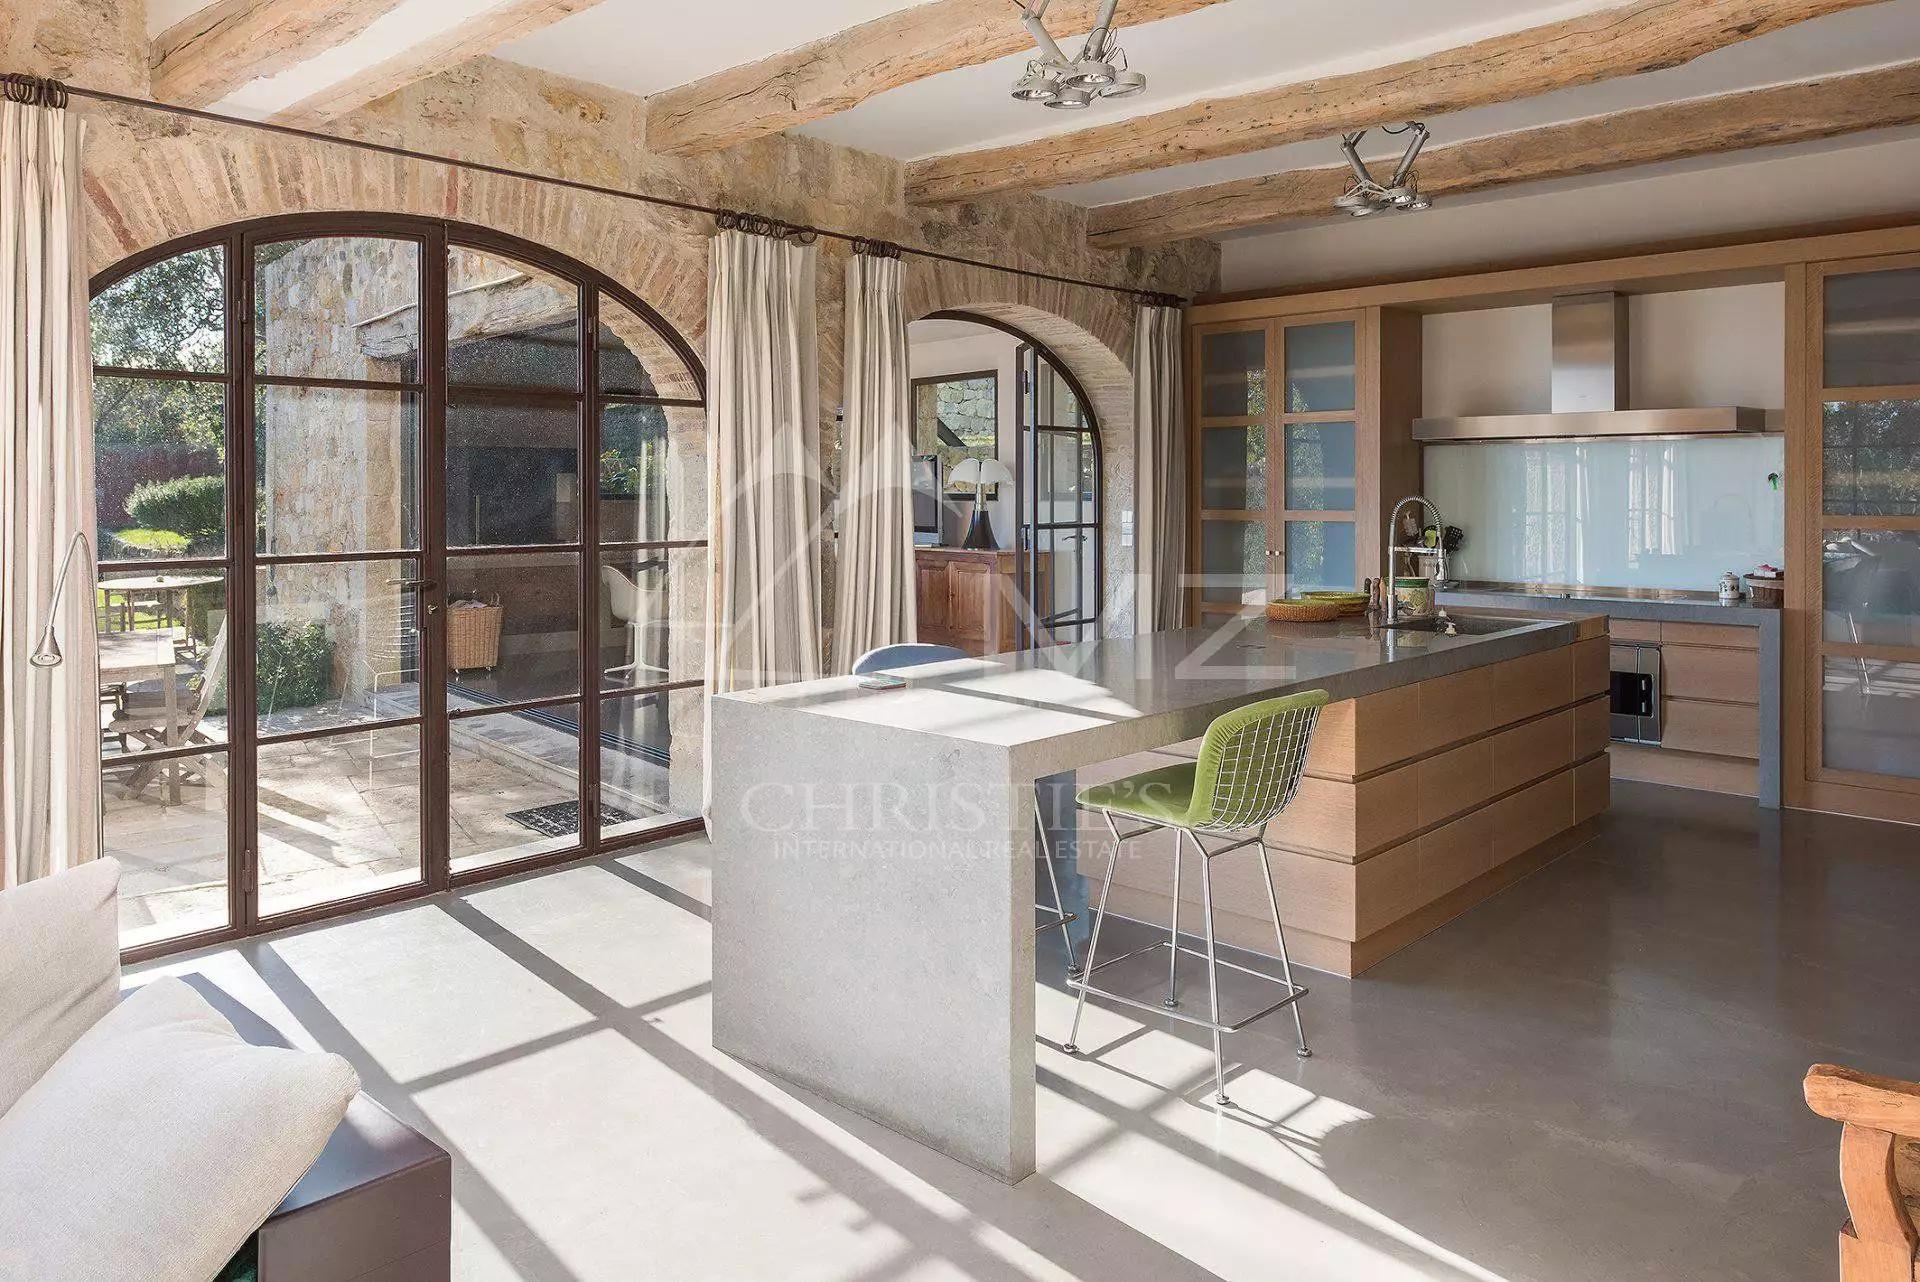 кухонный остров плита вытяжка панорамное остекление шторы